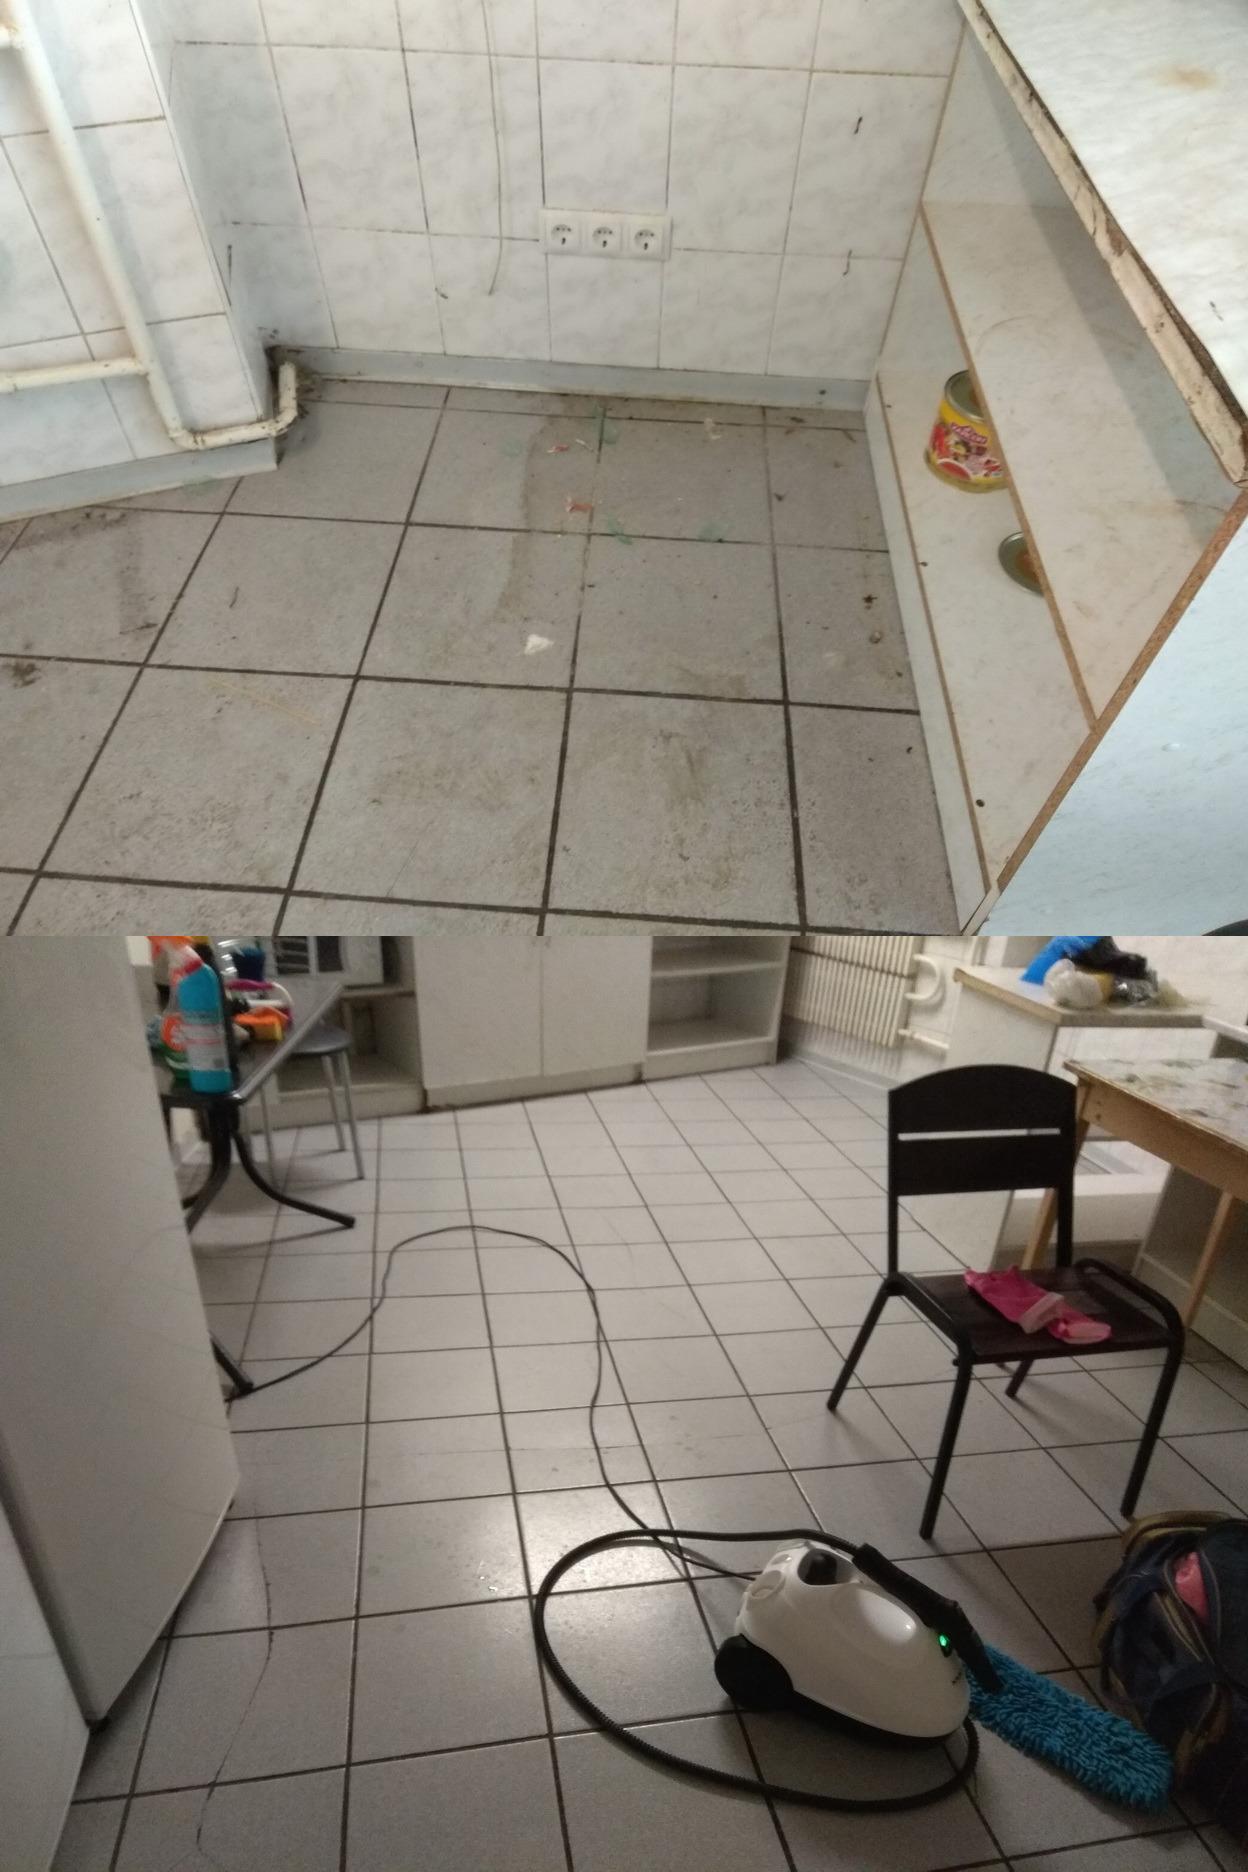 Фото Уборка кухни для приготовления обедов. Вымыта кухня и санузел площадью 30 кв.м. Чистка стен, потолка, бойлера, столов, раковин, вытяжки, полов от жира, грязи. Работа заняла 7 часов. Стоимость составила 800грн.